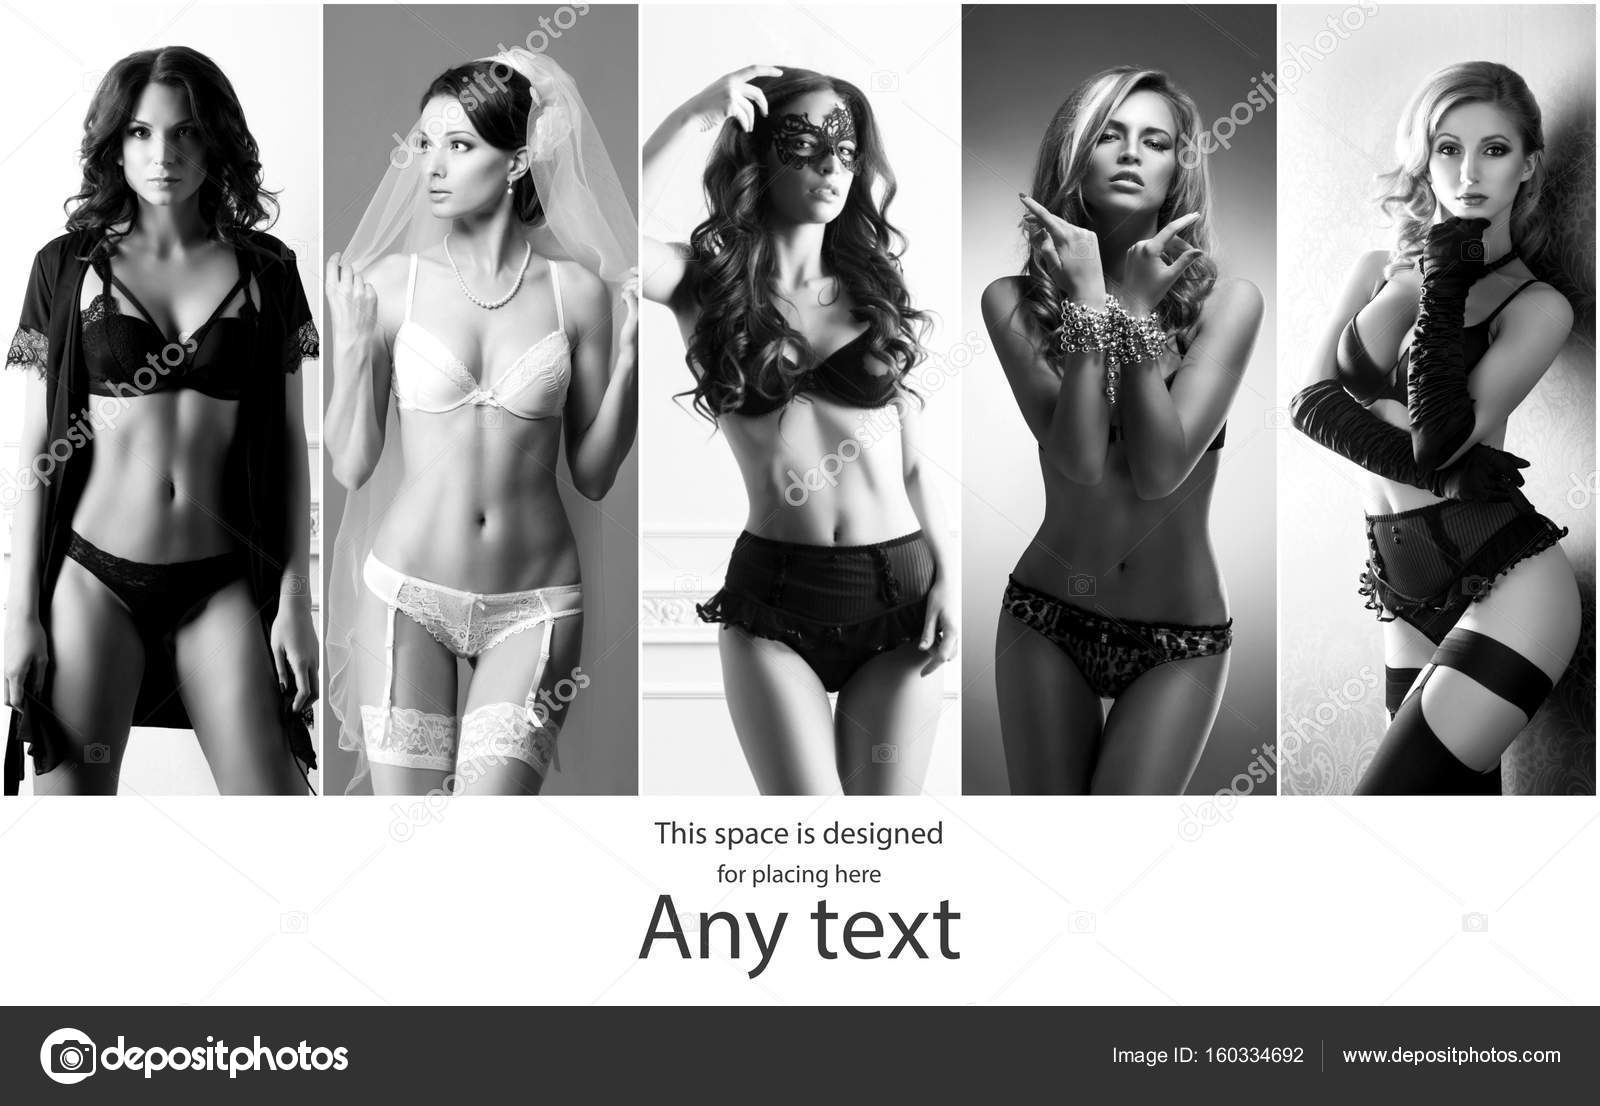 Ερωτικές γυναίκες φωτογραφίες